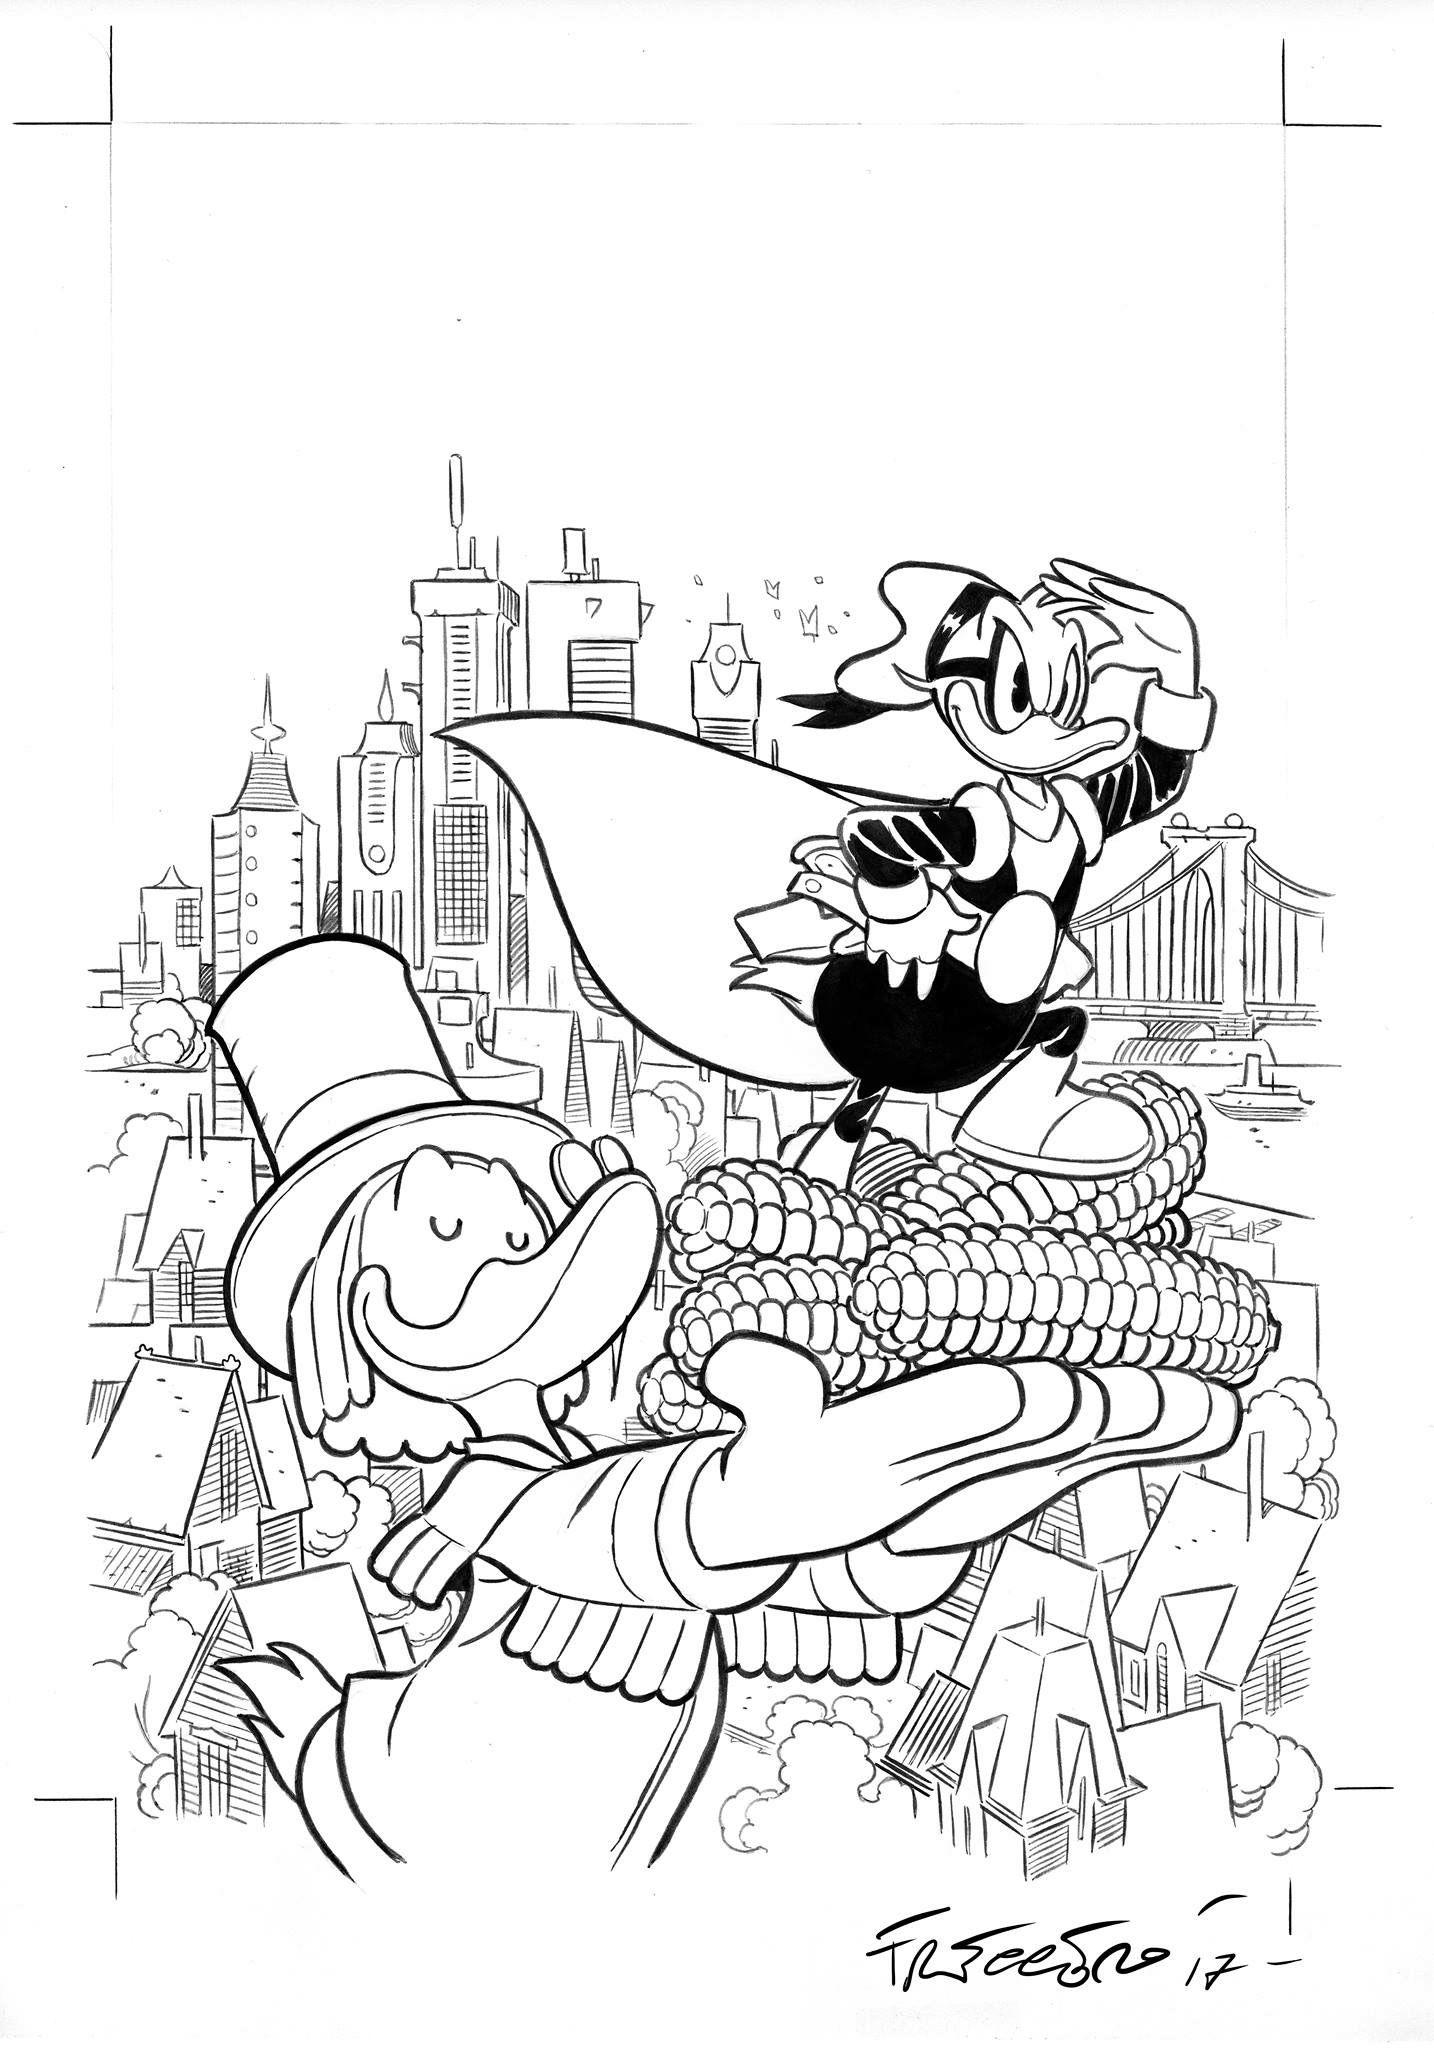 Encantador Perno Para Colorear Páginas Disney Modelo - Dibujos Para ...